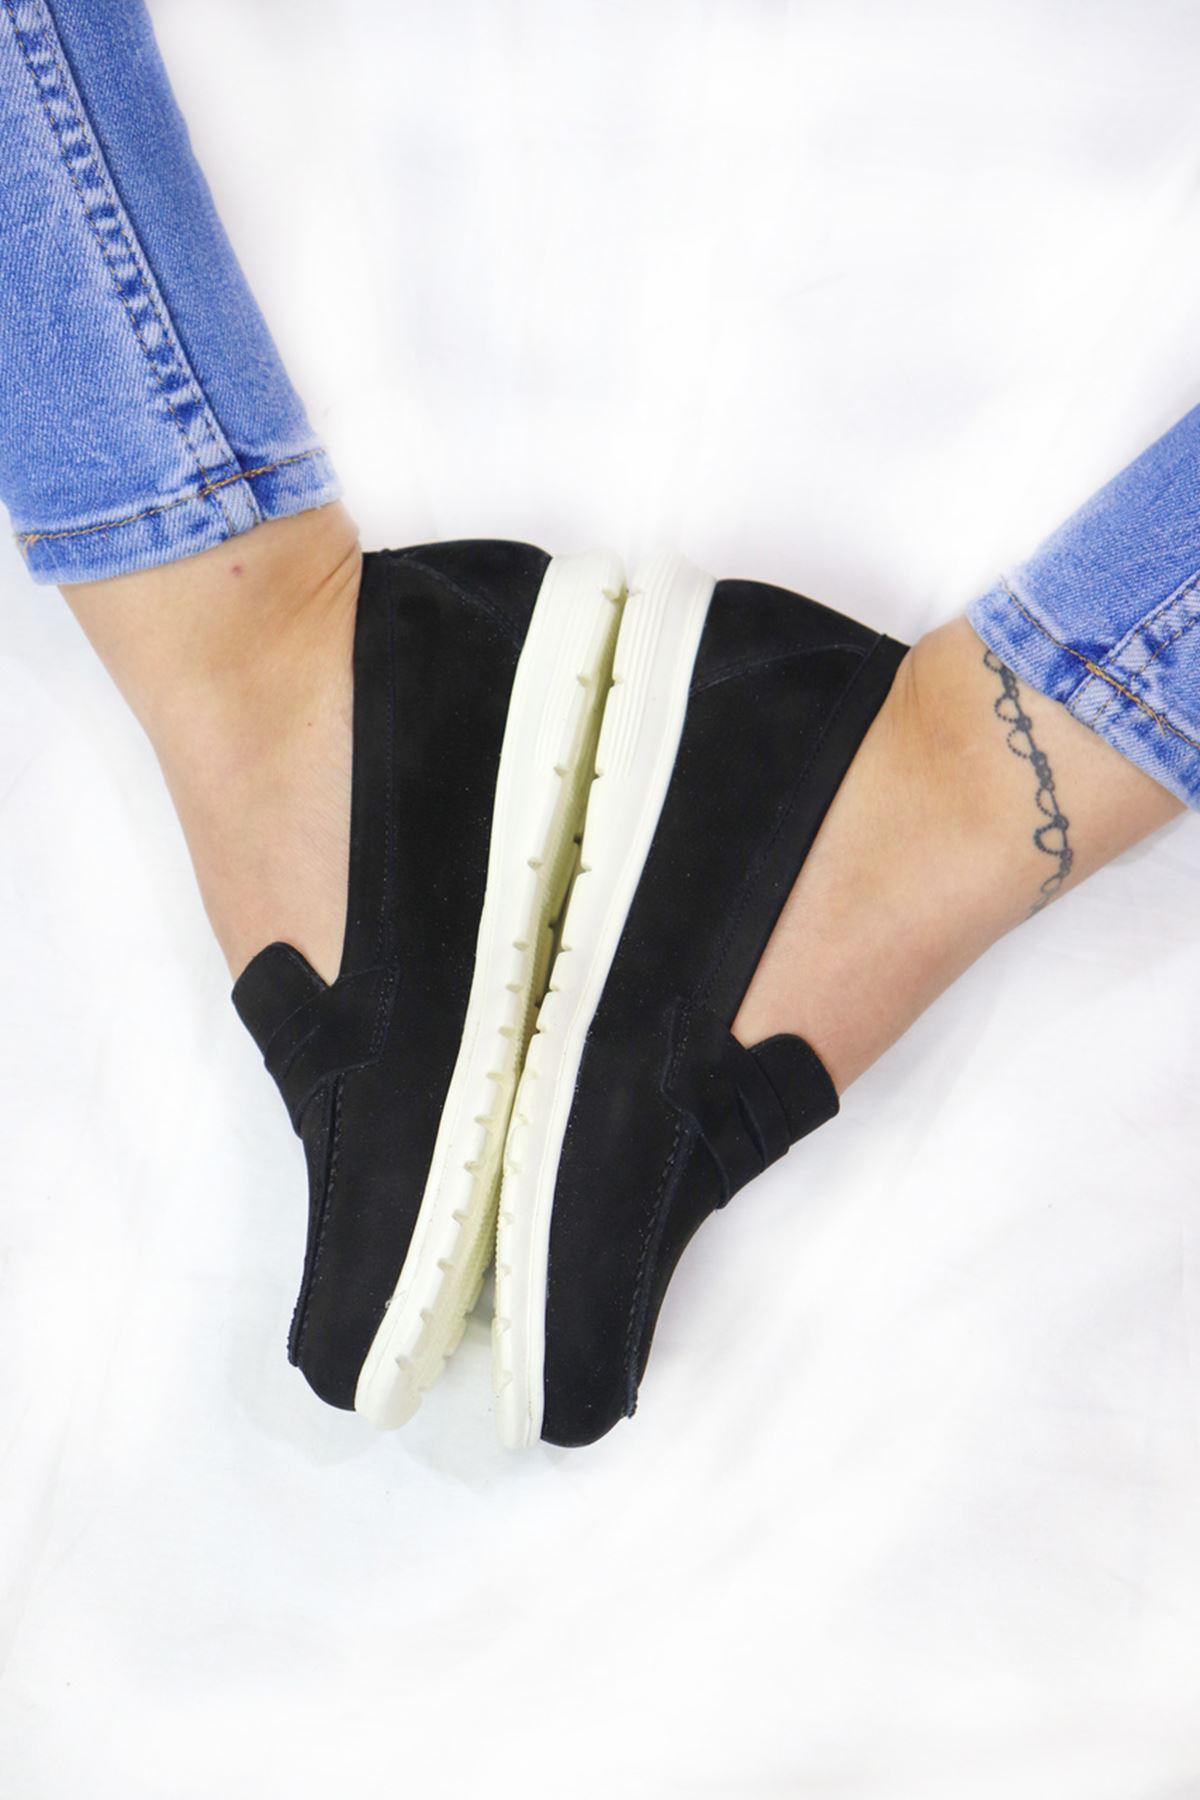 Trendayakkabı - 405 CMF - Siyah Nubuk Kadın Ayakkabısı